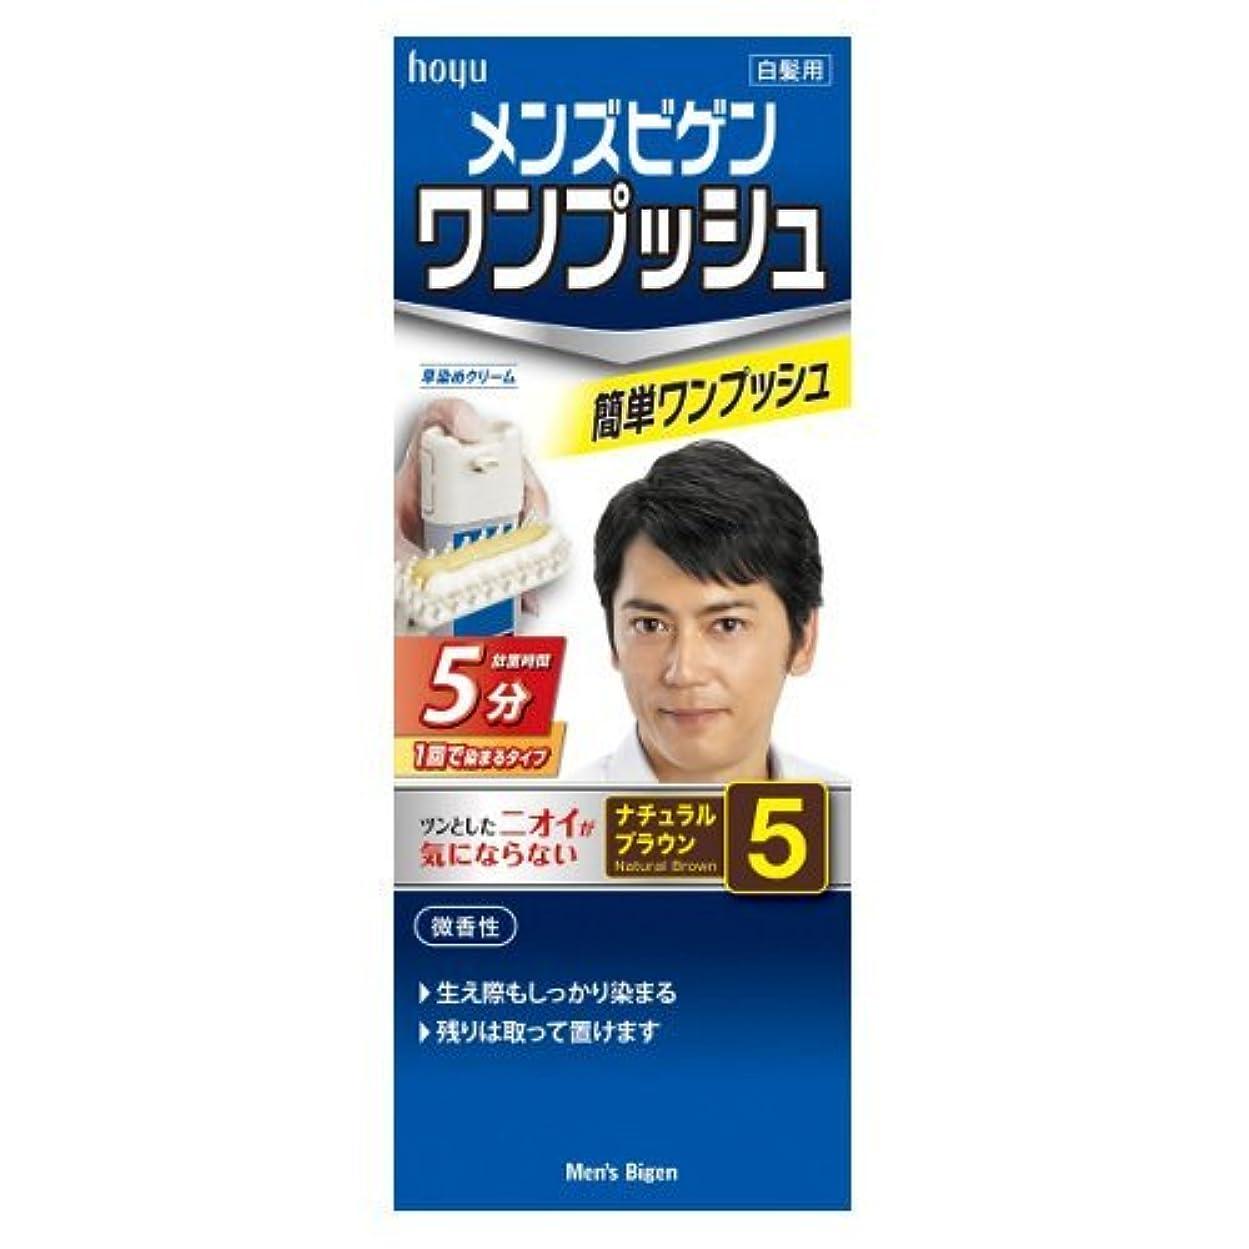 笑い羊のバーメンズビゲン ワンプッシュ 5 ナチュラルブラウン 40g+40g[医薬部外品]